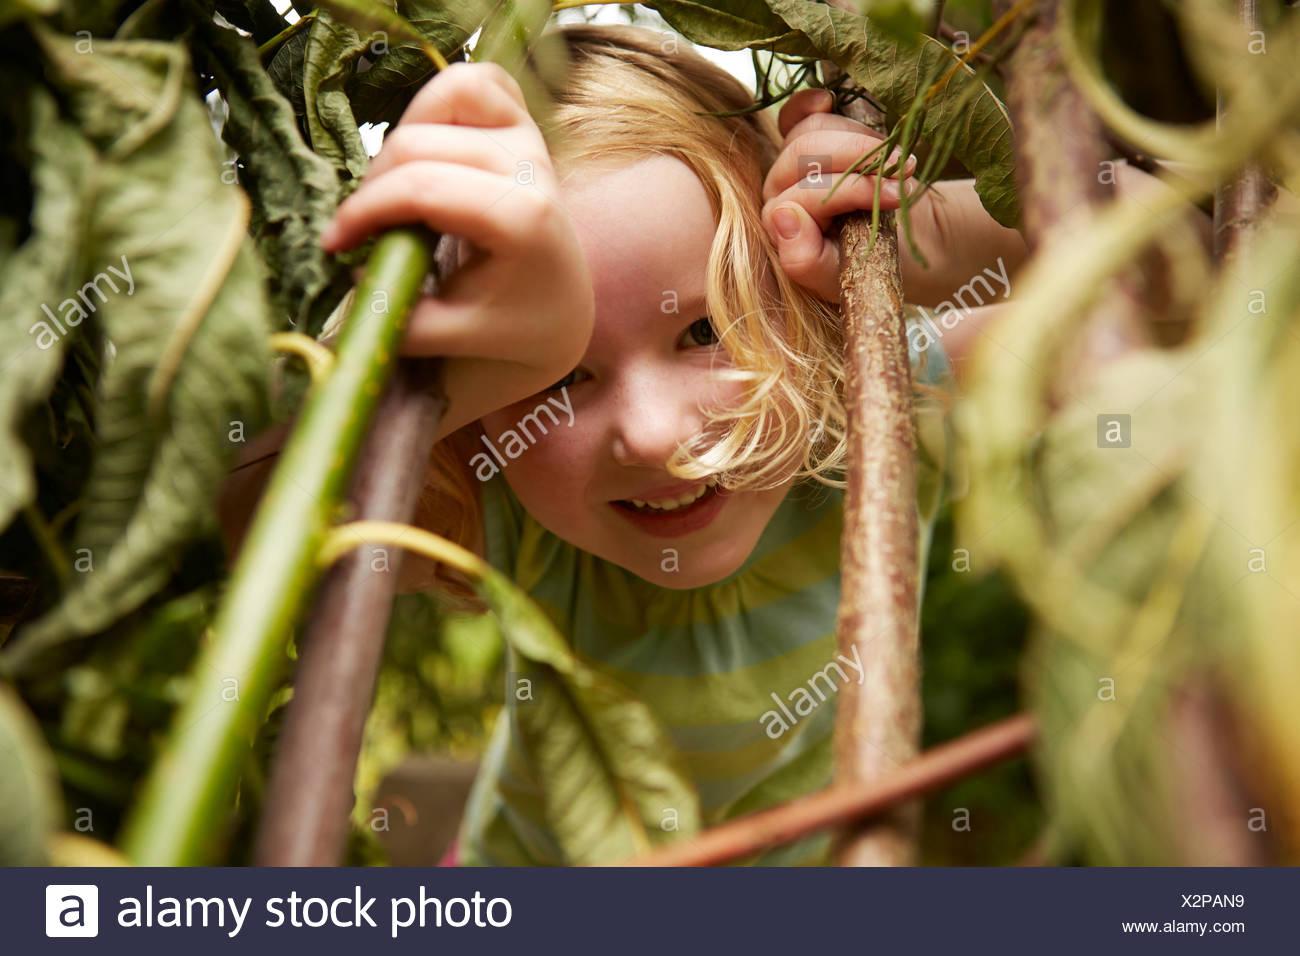 Close Up retrato de chica escondidos en los arbustos Imagen De Stock